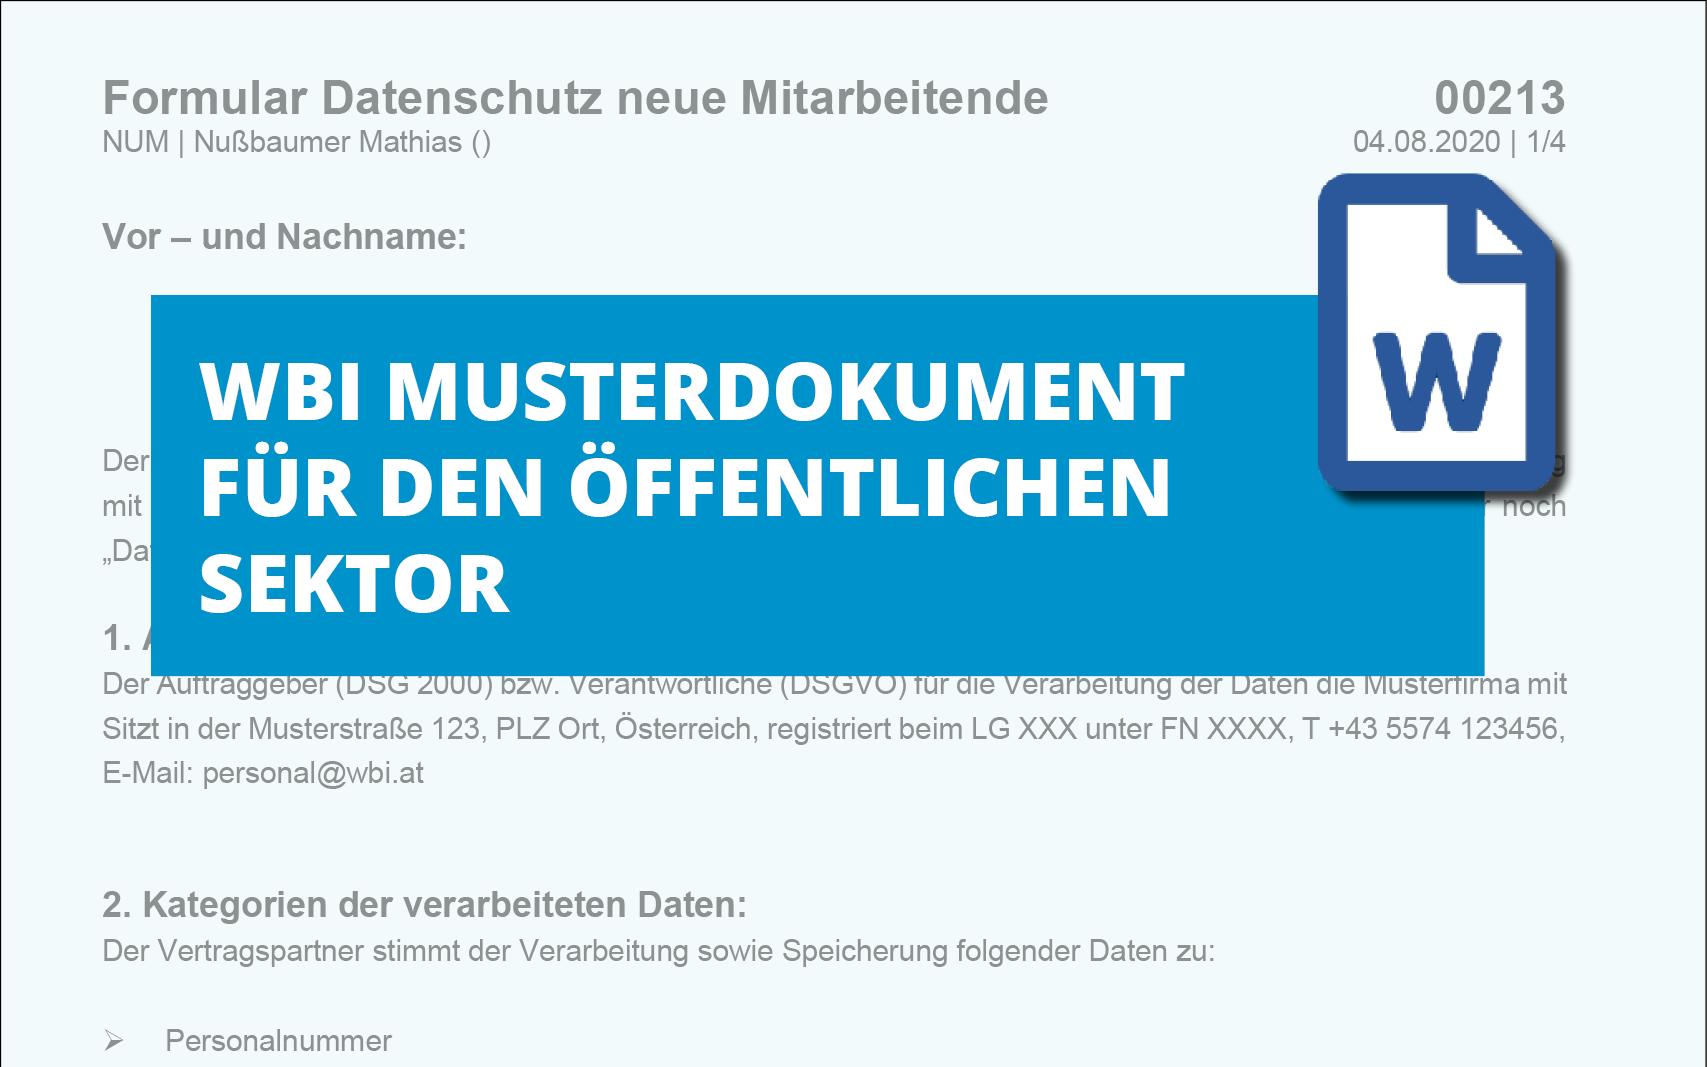 formular-datenschutz-neue-mitarbeitende